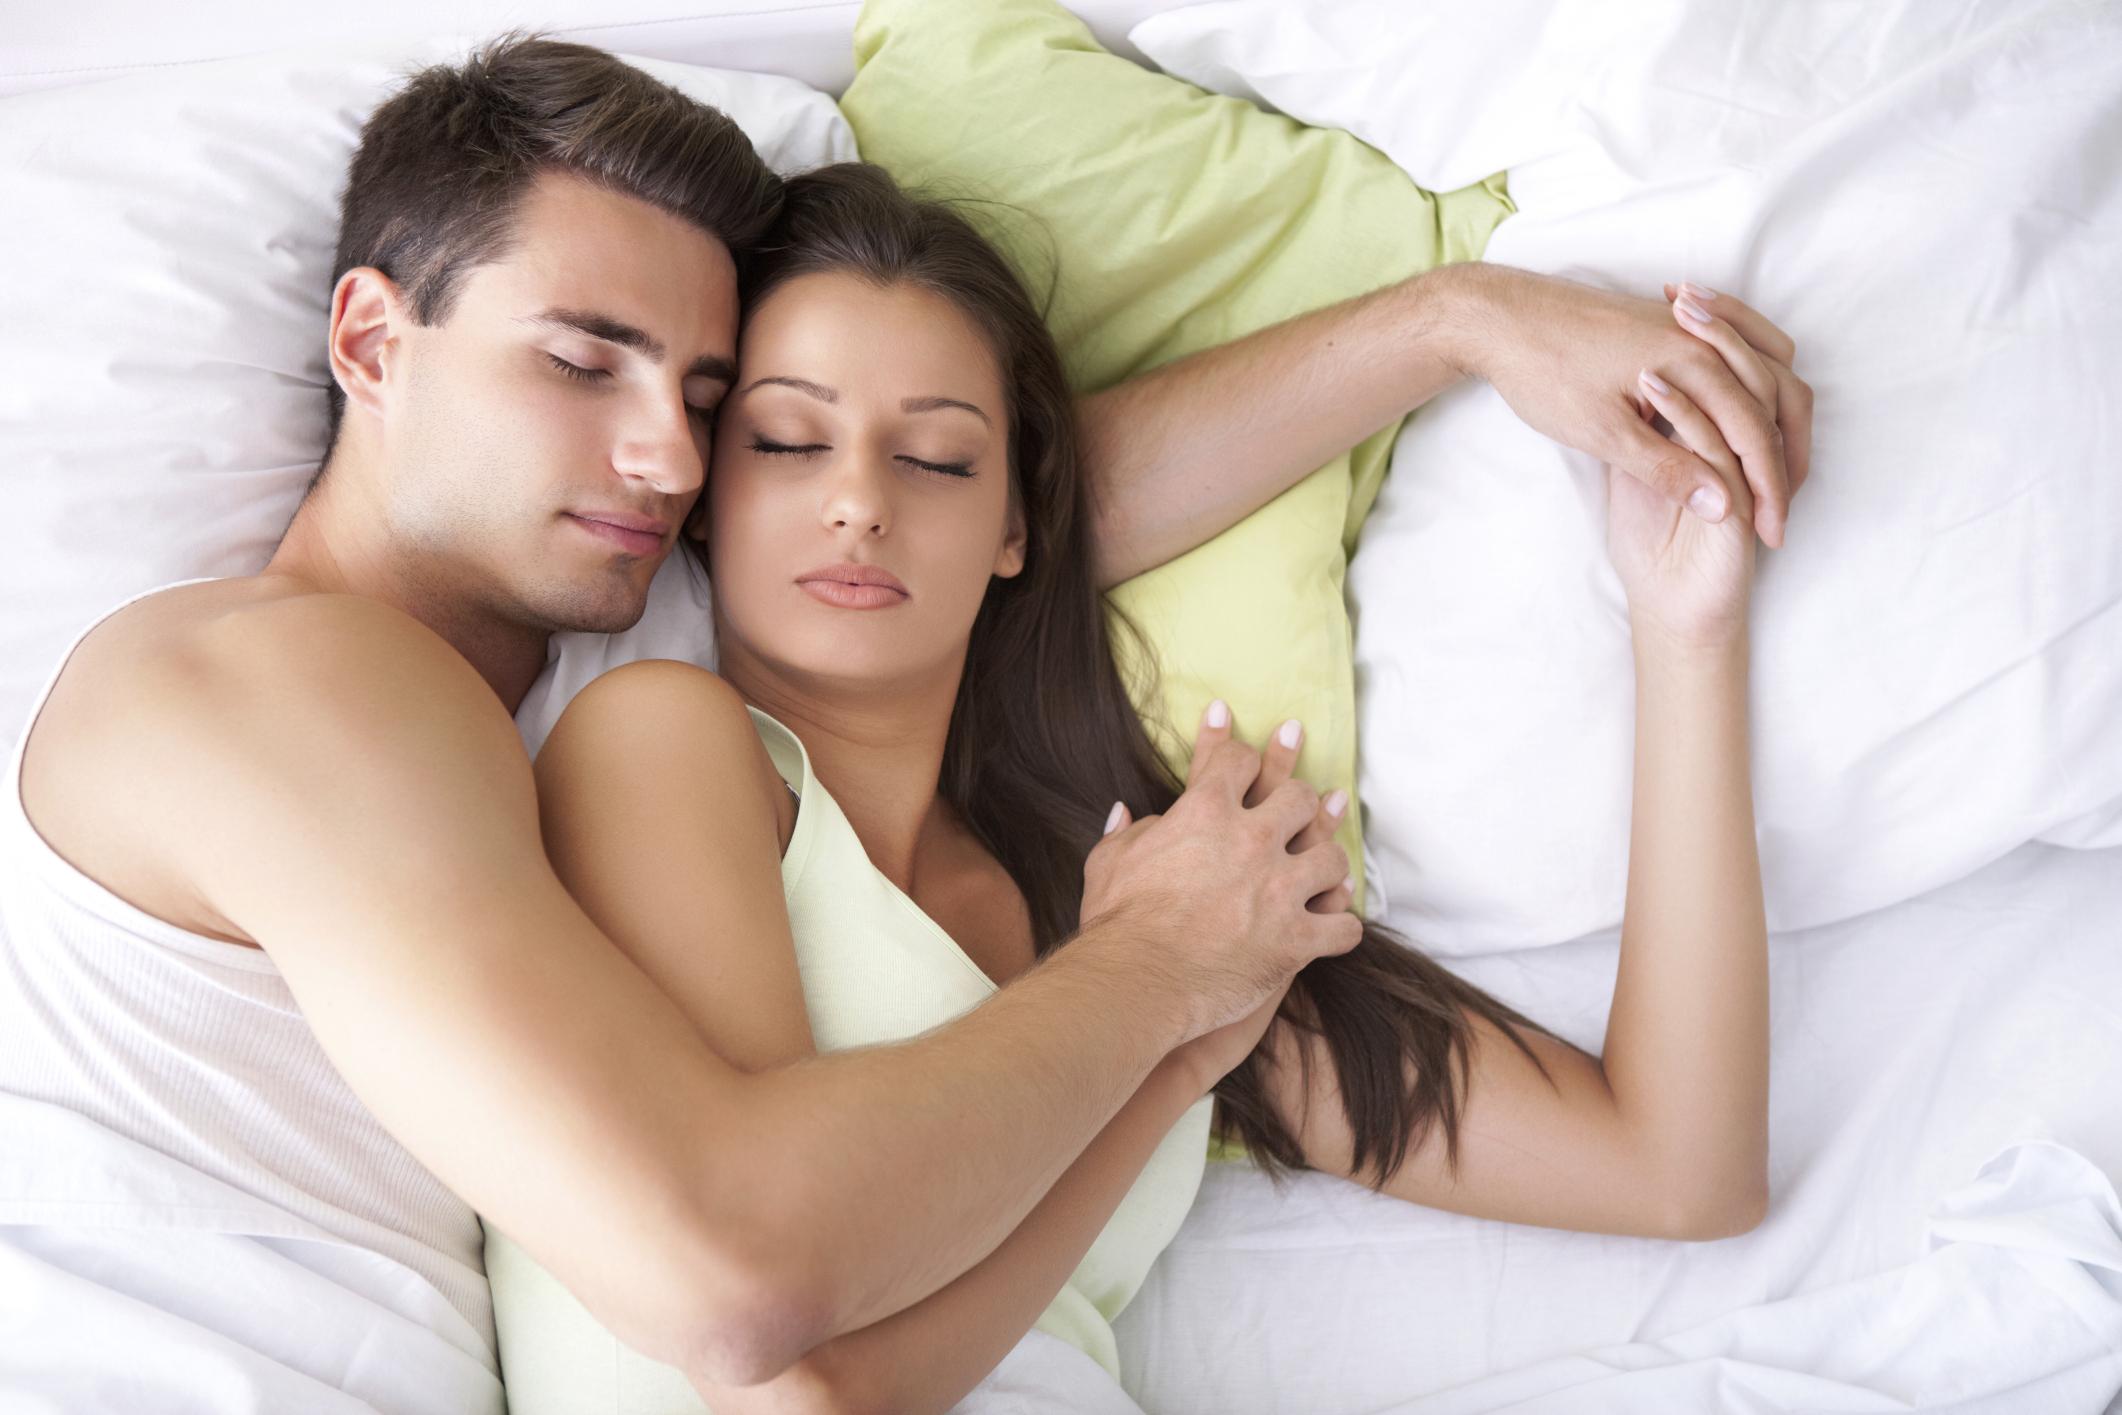 Posiciones-para-dormir-en-pareja1